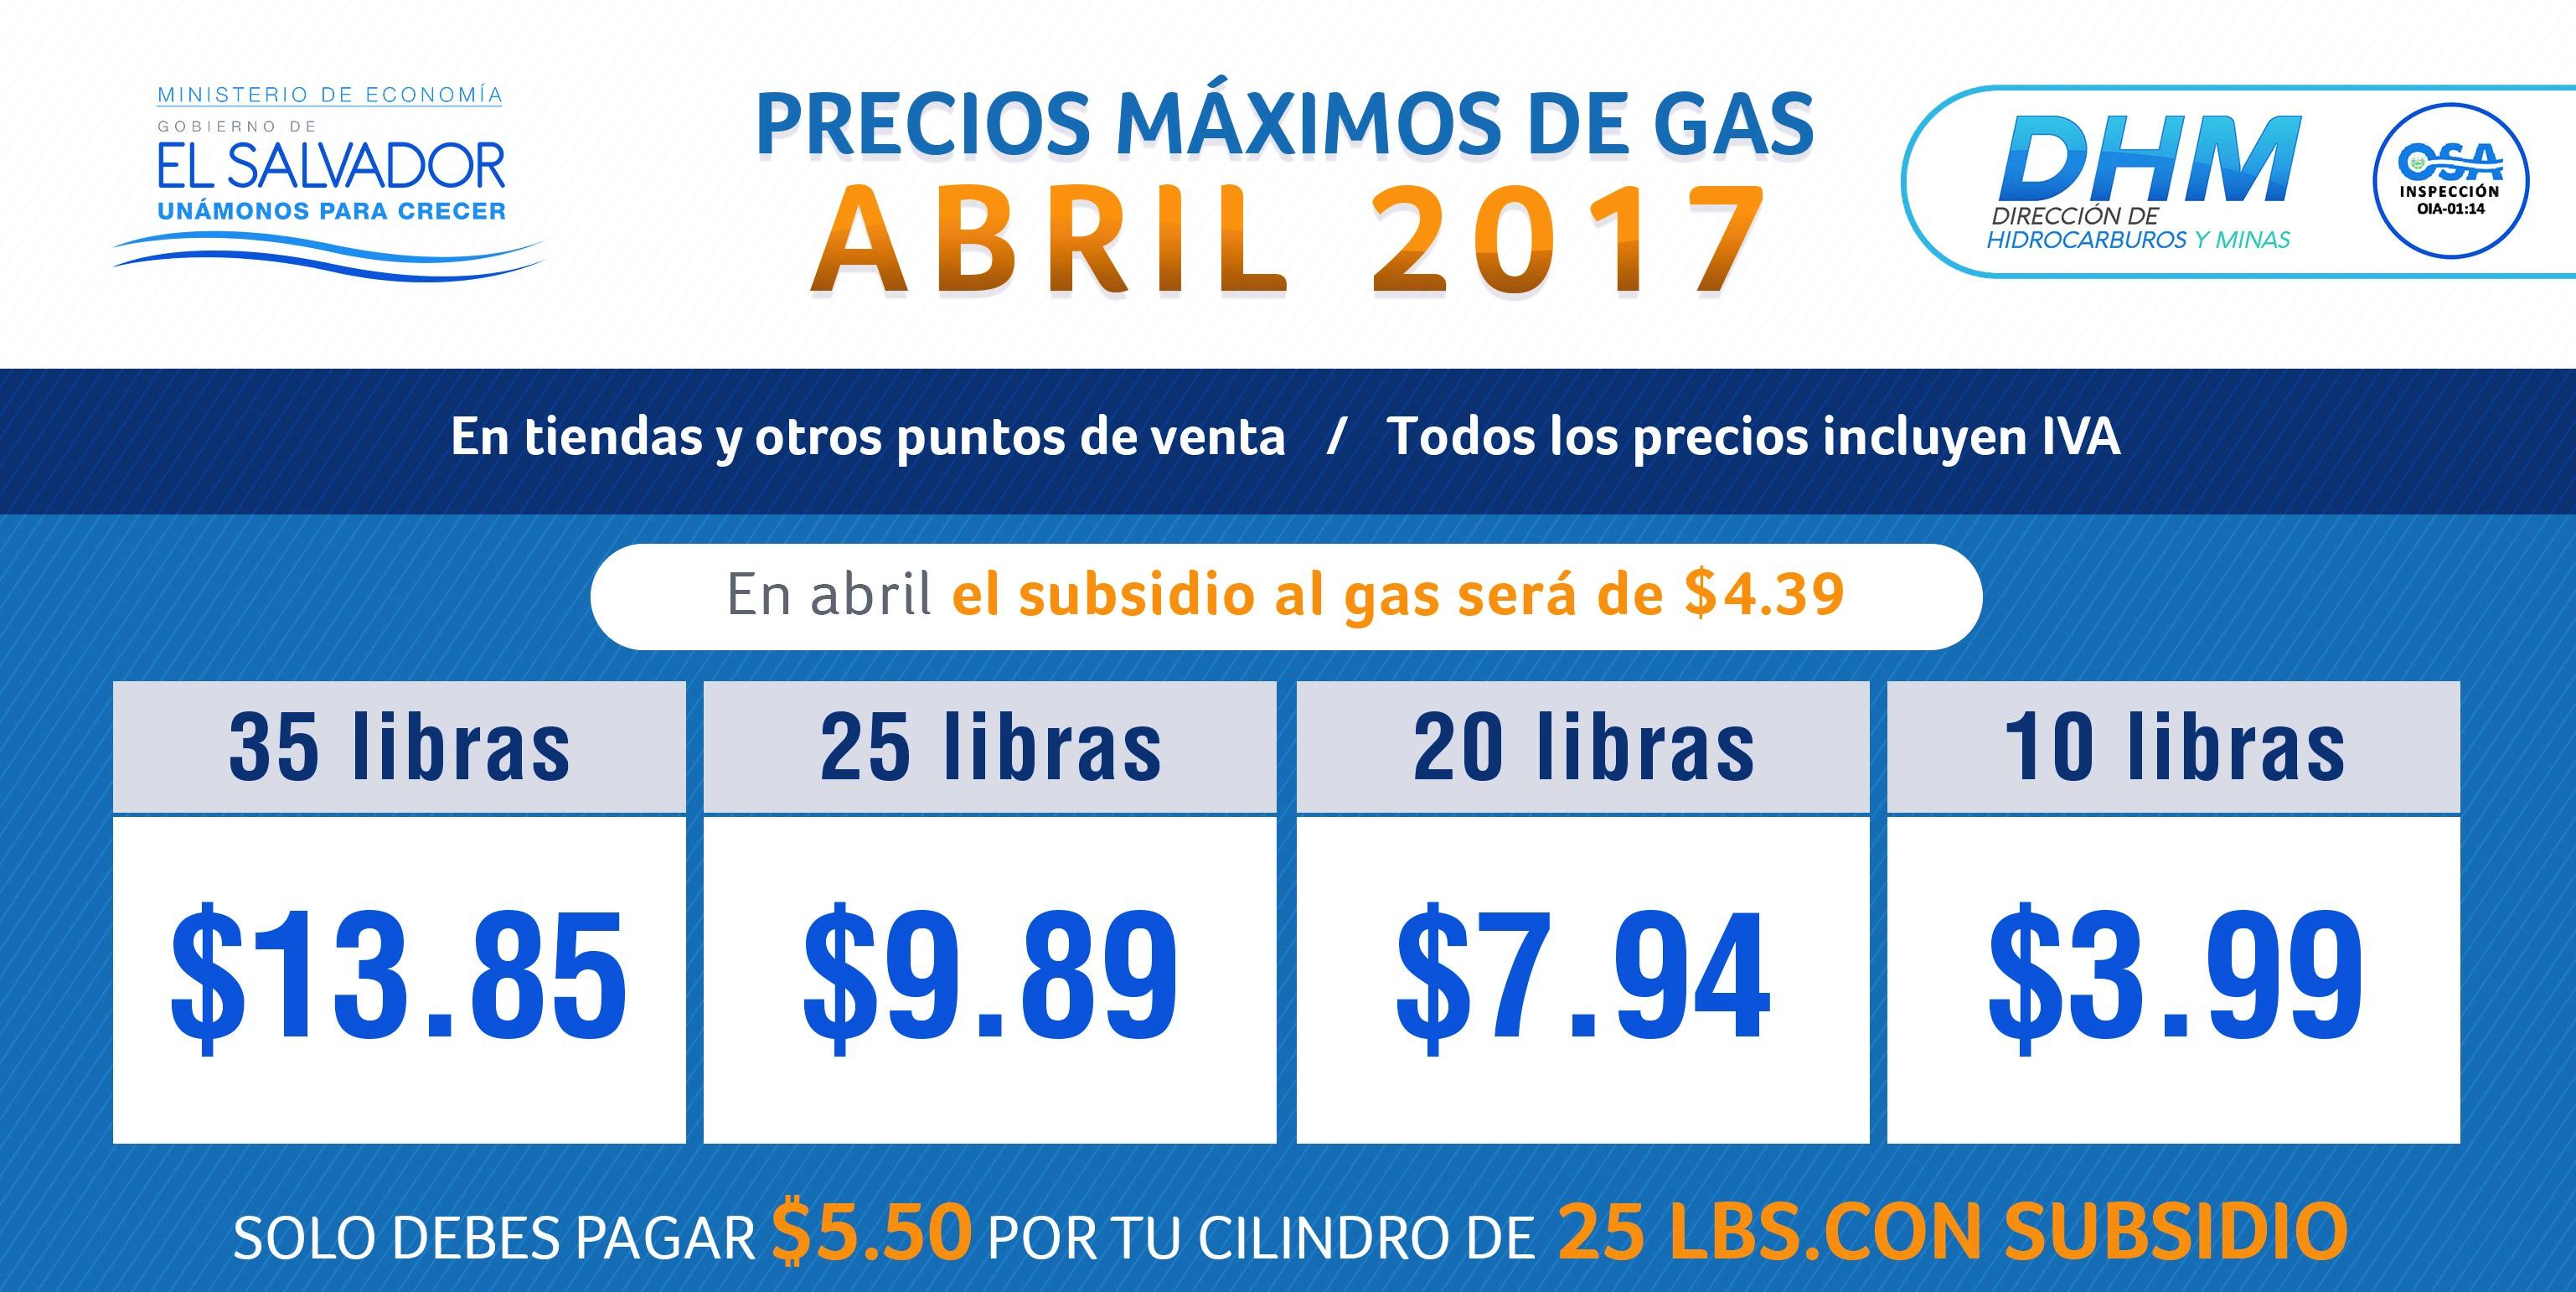 Informan bajas en los precios de cilindros de Gas Licuado de Petróleo para abril 2017